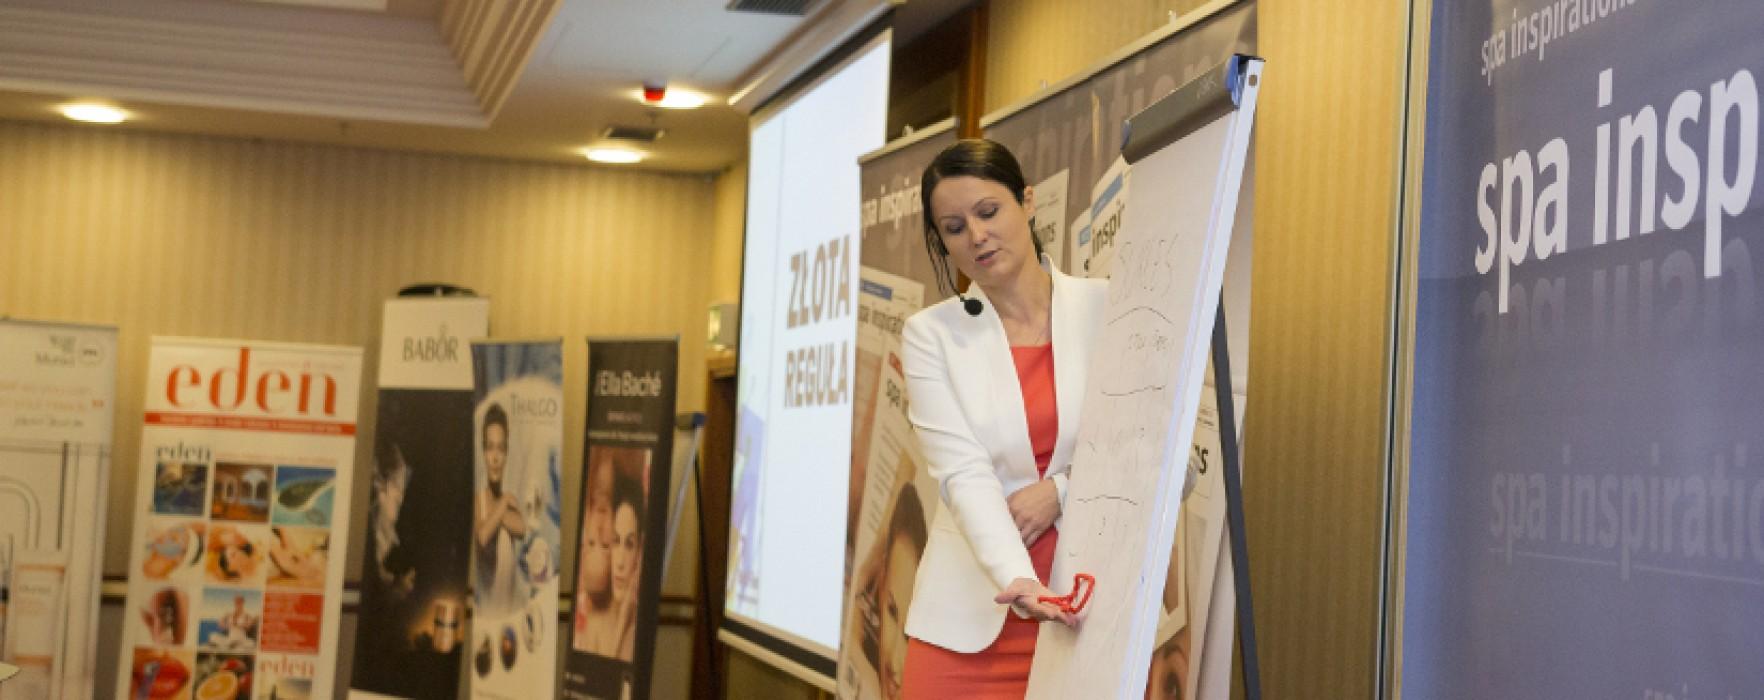 II Konferencja Klubu Biznesu Spa Inspirations LEVEL UP! – razem na wyższy poziom